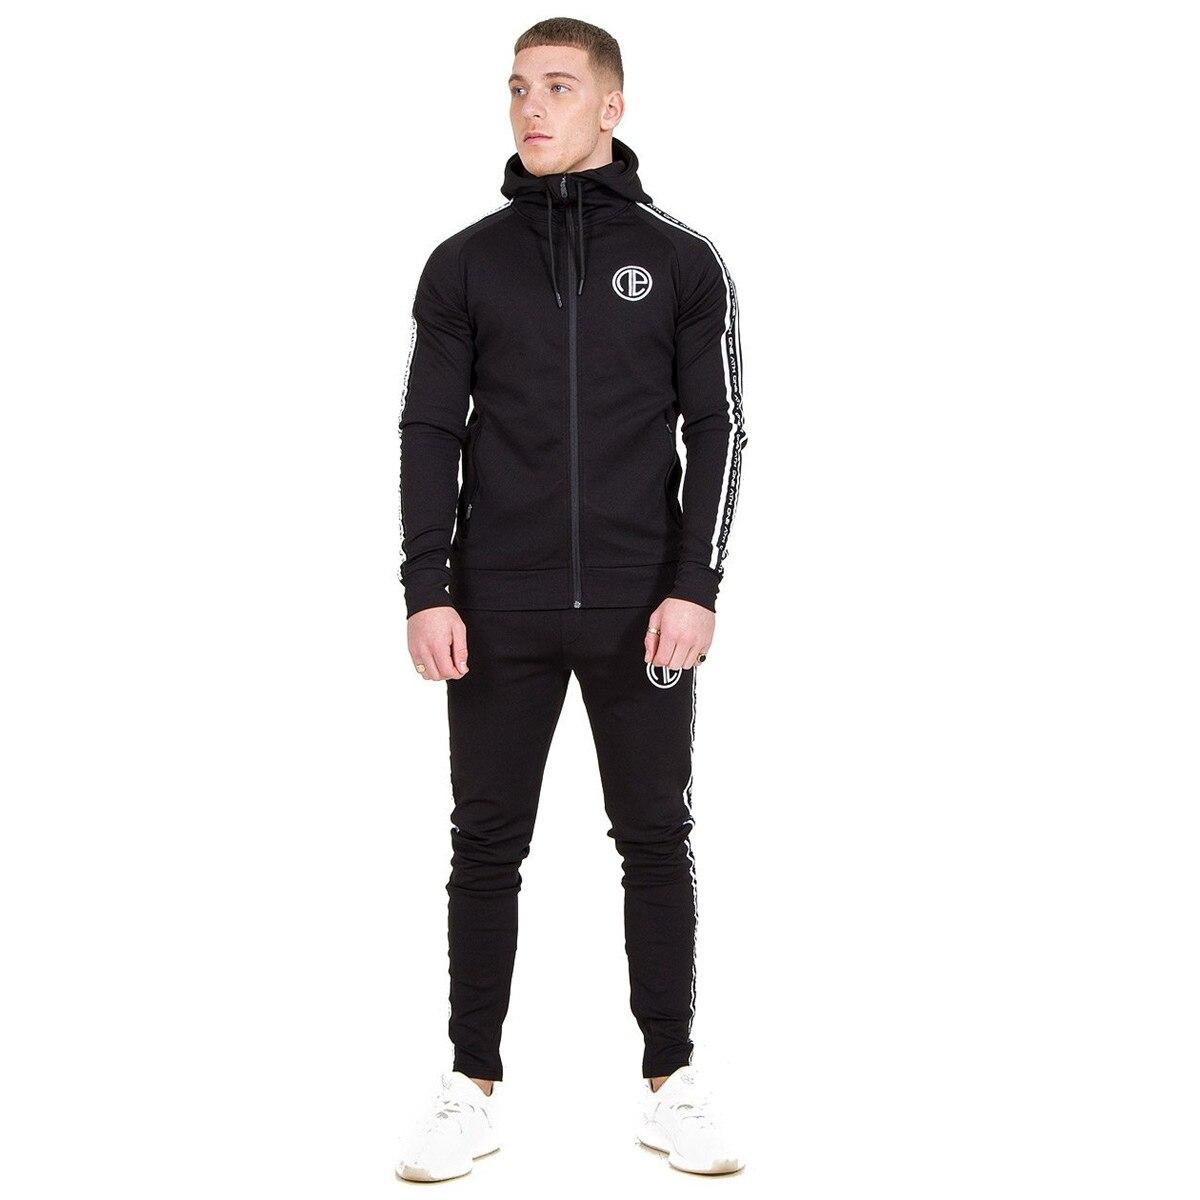 Nuevo conjunto de ropa deportiva para correr para hombre, chándales de gimnasia, sudaderas + Pantalones, ropa de entrenamiento - 6